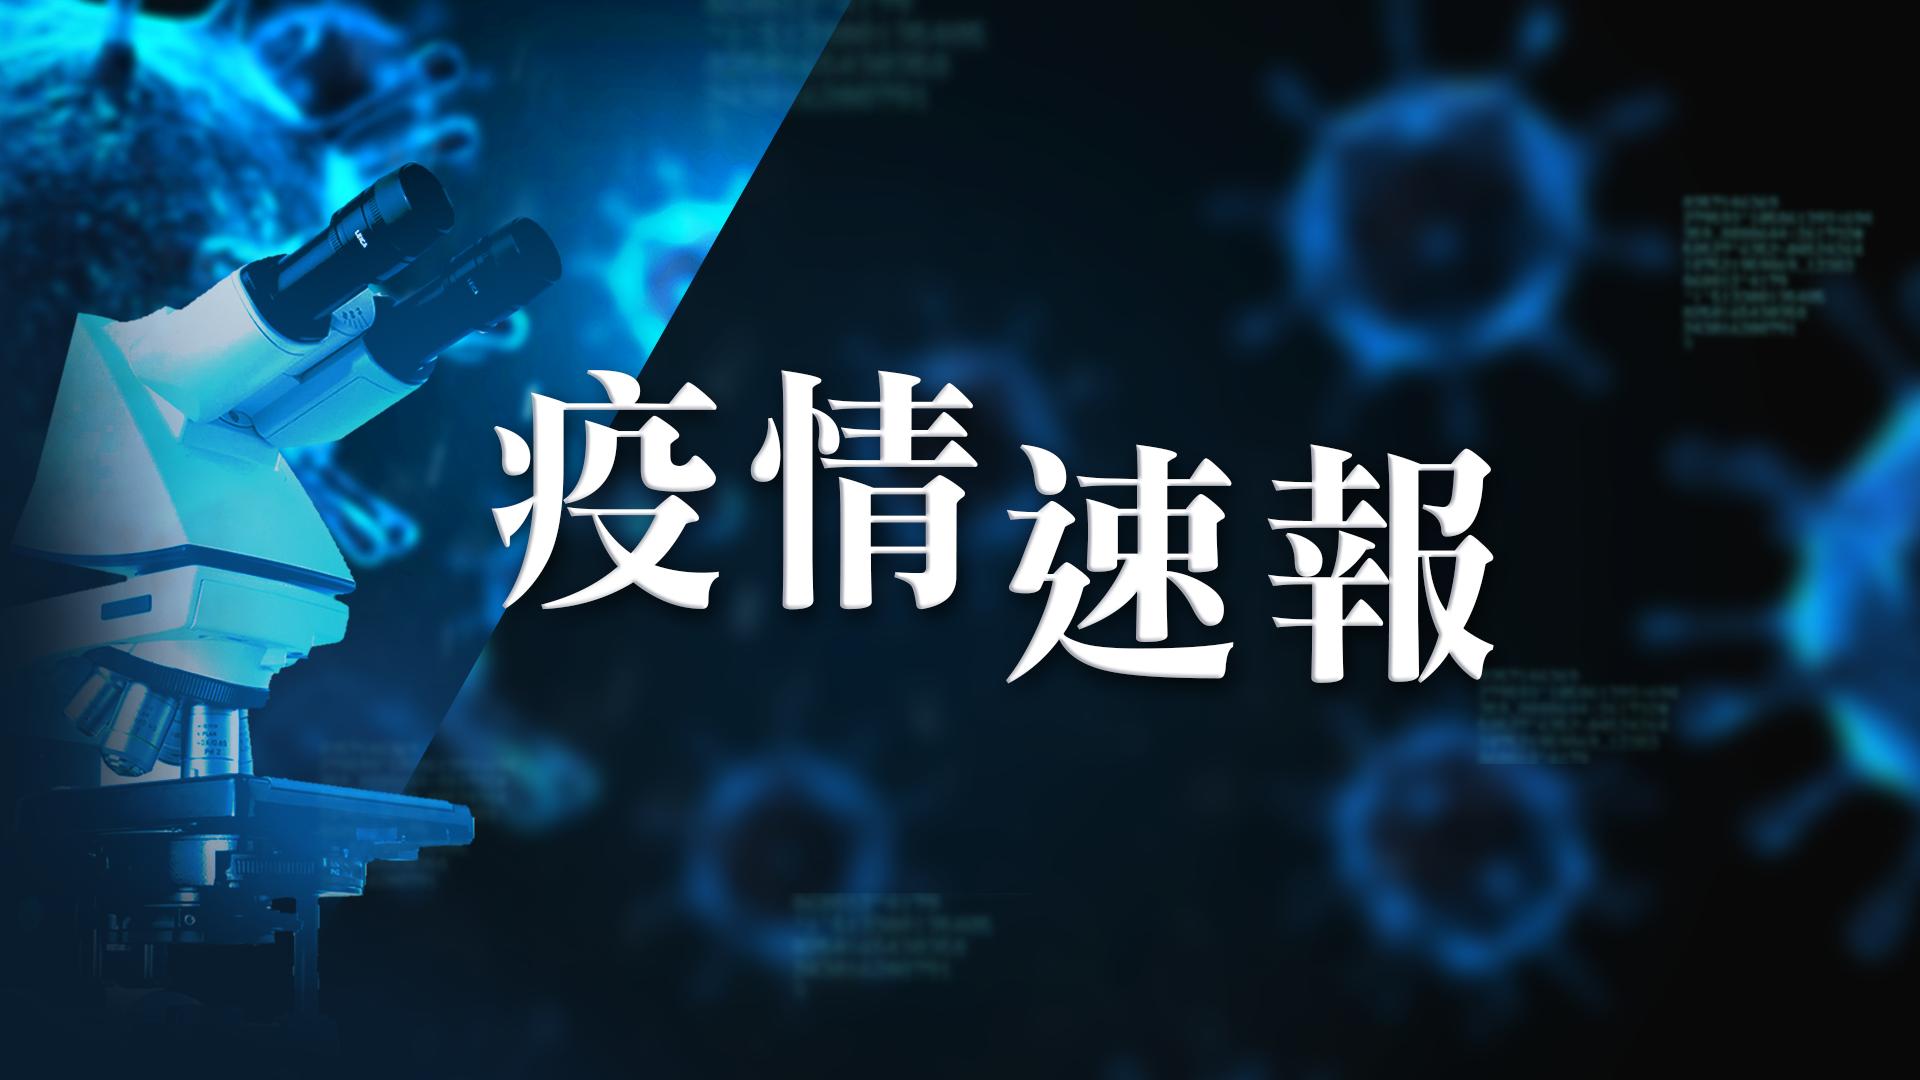 【7月19日疫情速報】(23:50)